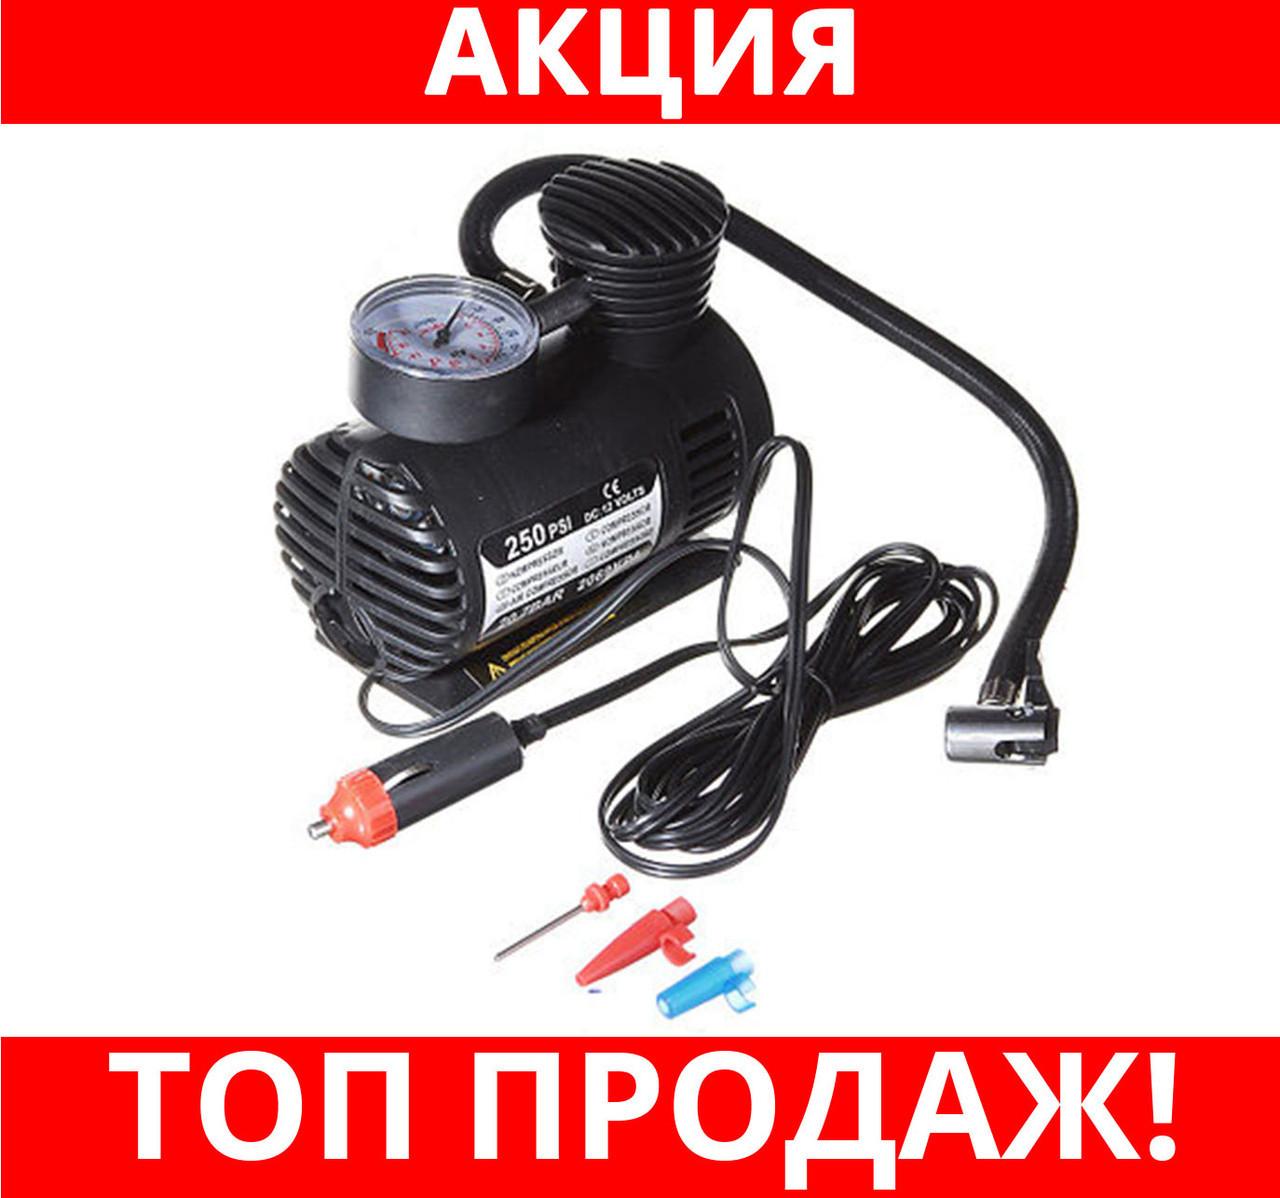 Авто компрессор Air Compressor DC-12V / 250 PSI!Хит цена